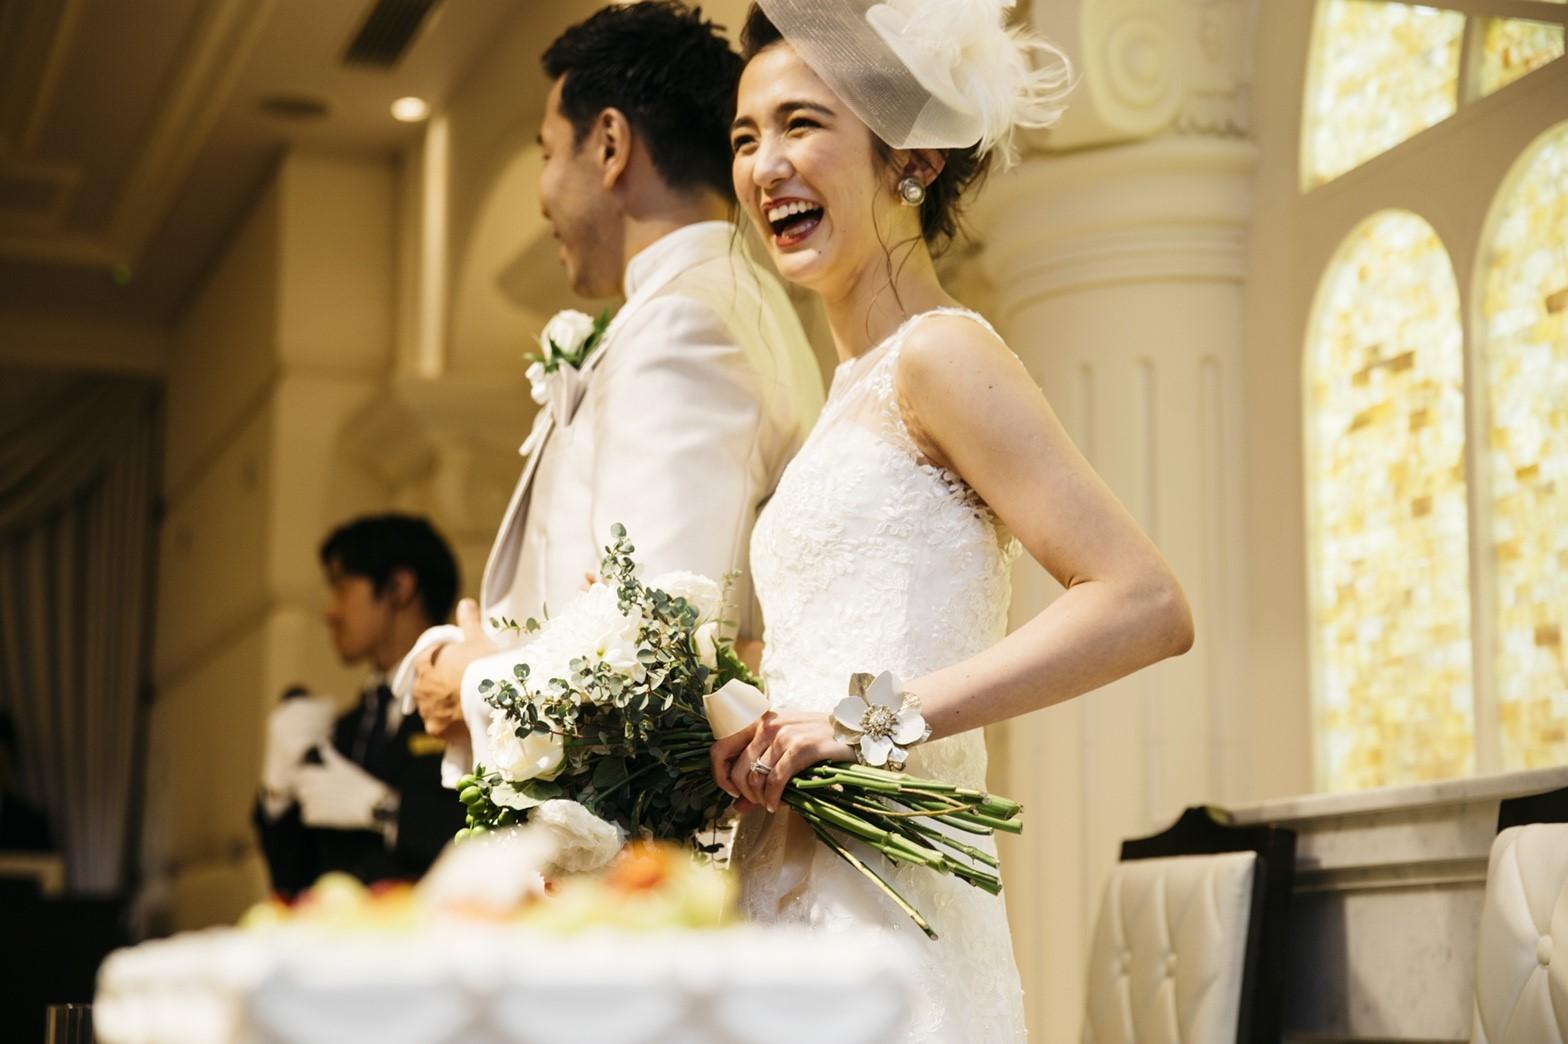 モデル・片桐ゆたか、結婚式を挙げるまでのマイルール10